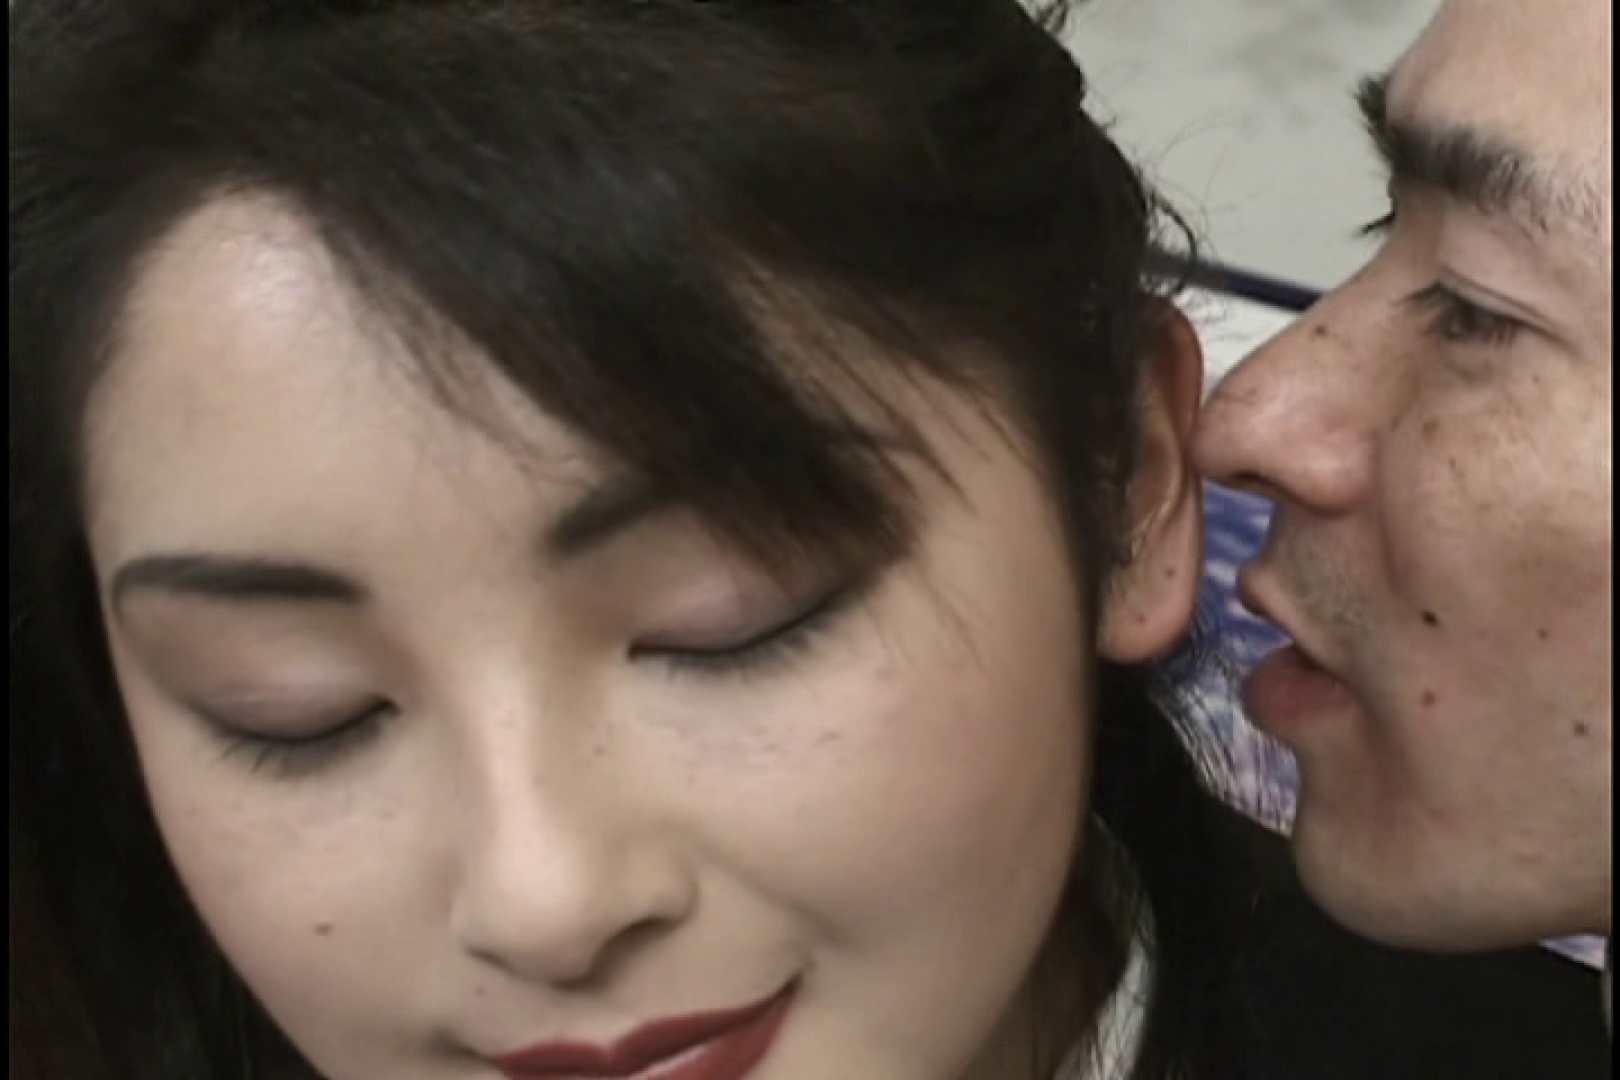 エロフェロモン全開の90センチ巨乳の淫乱人妻とSEX~篠崎麻美~ 淫乱ガールズ  92枚 48